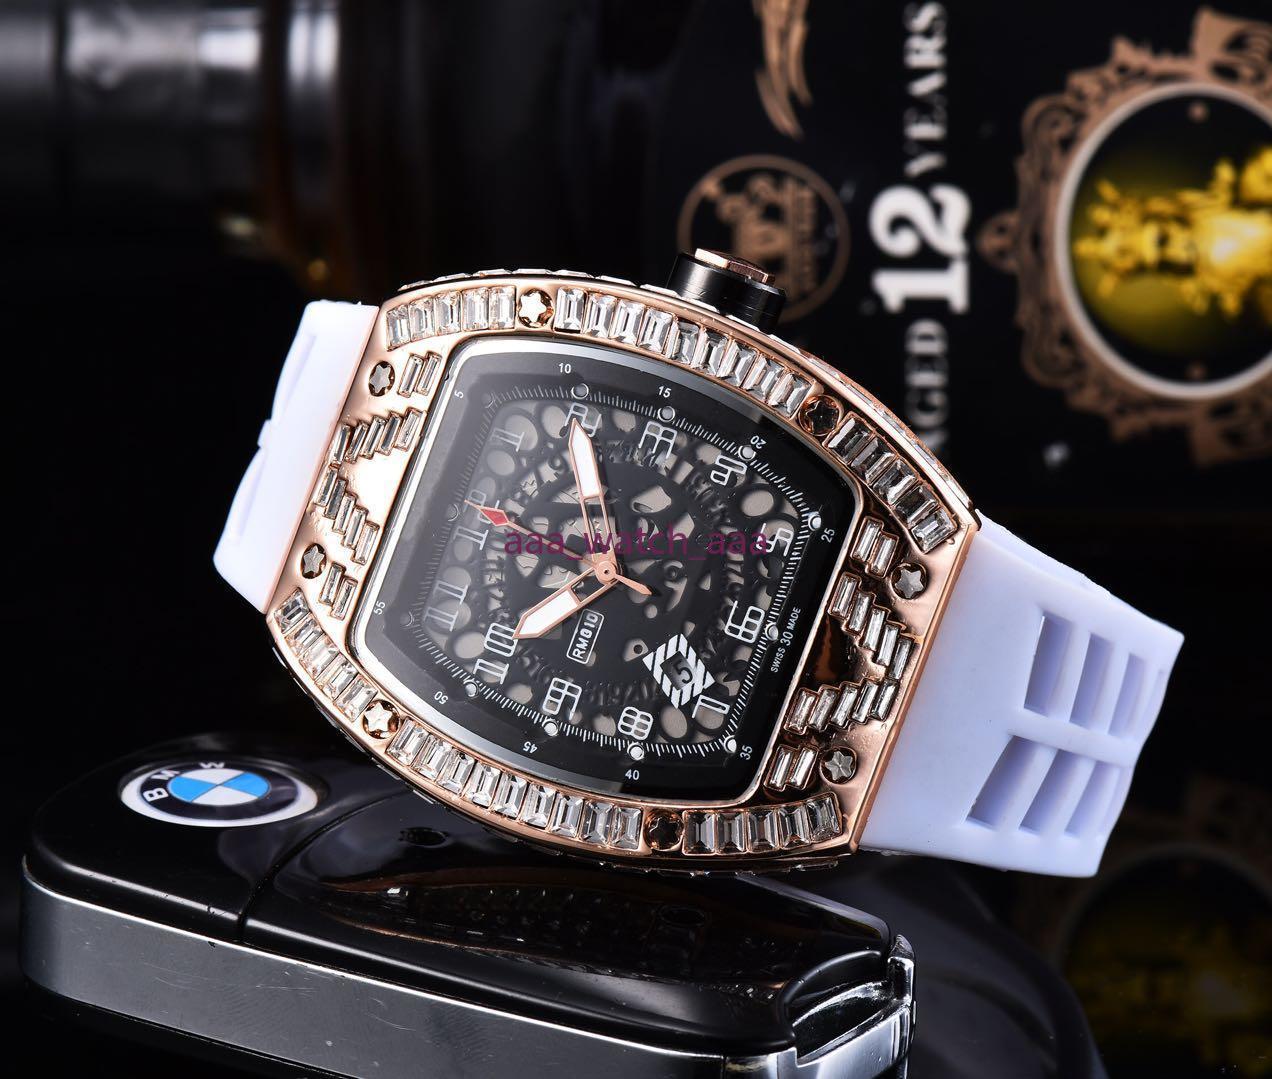 2021 해골 스포츠 시계 다이아몬드 남성 여성 쿼츠 시계 패션 시계 다이얼 상감 훈련 QUARTZ 시계 무료 배송